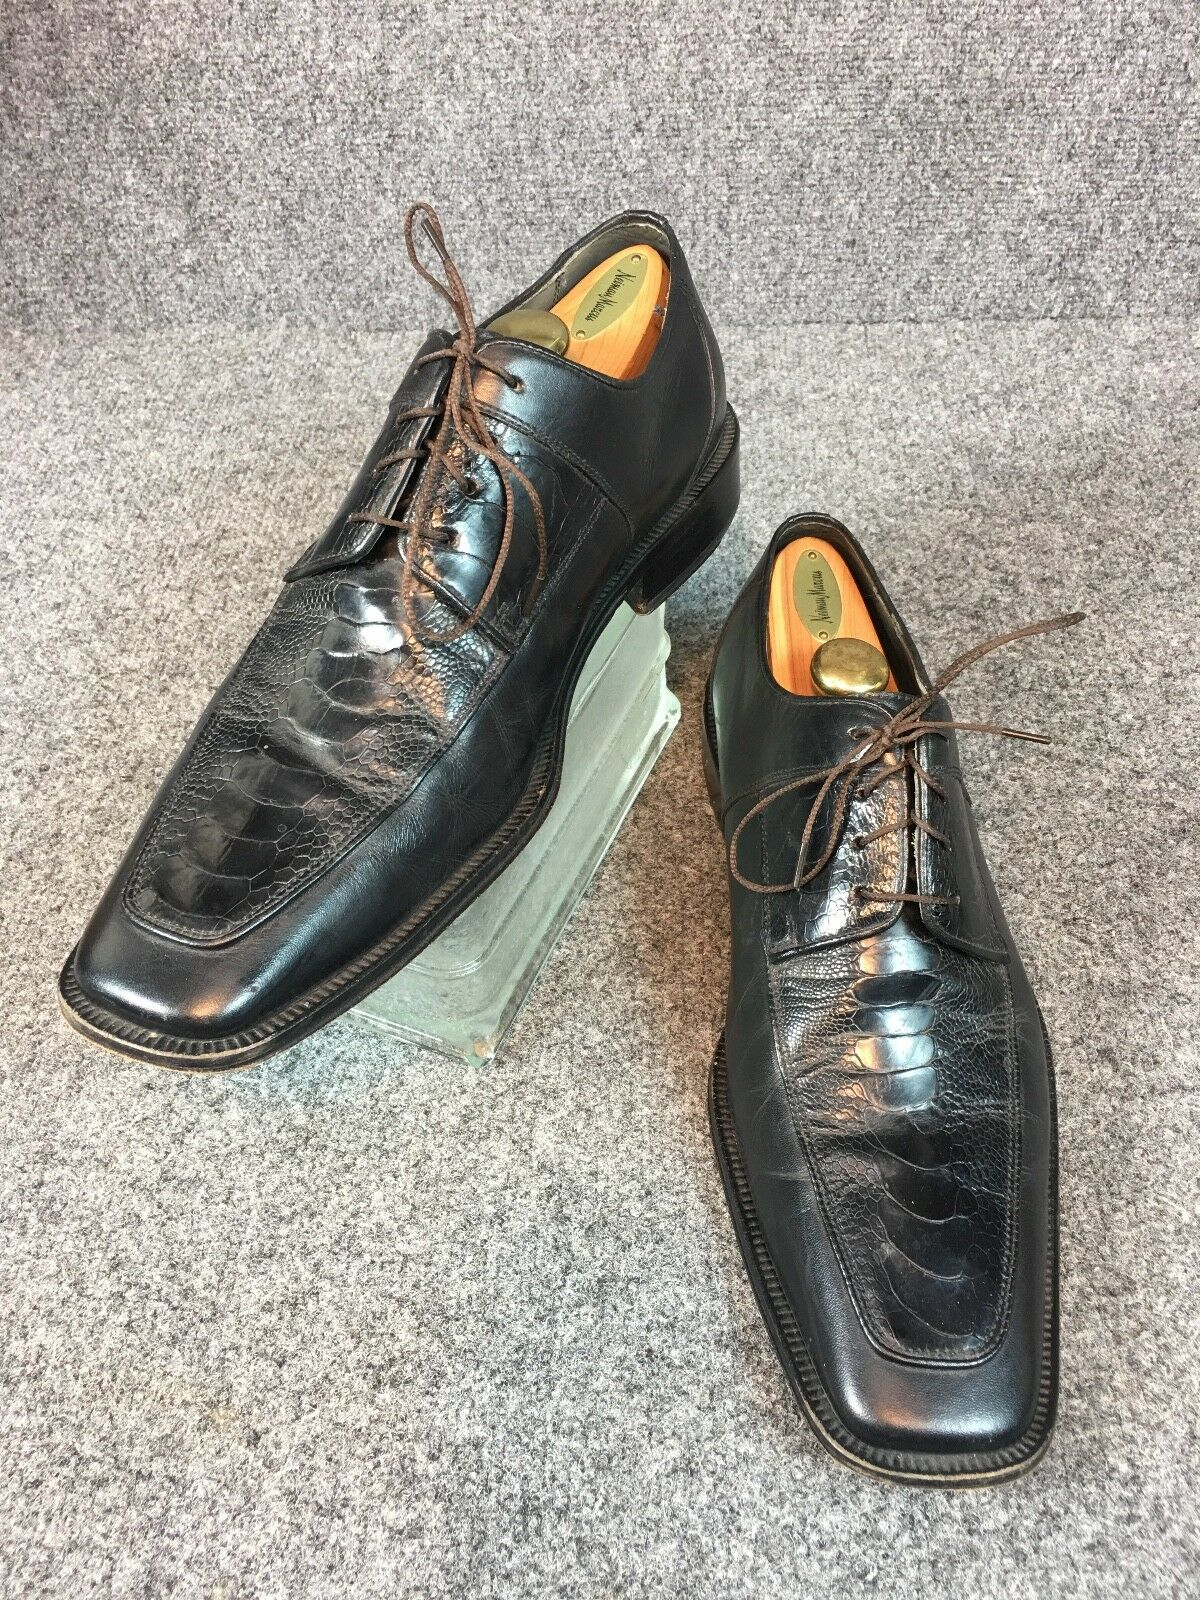 David Eden  Regis Noir Autruche derby chaussures de Bonnes Semelles 12D